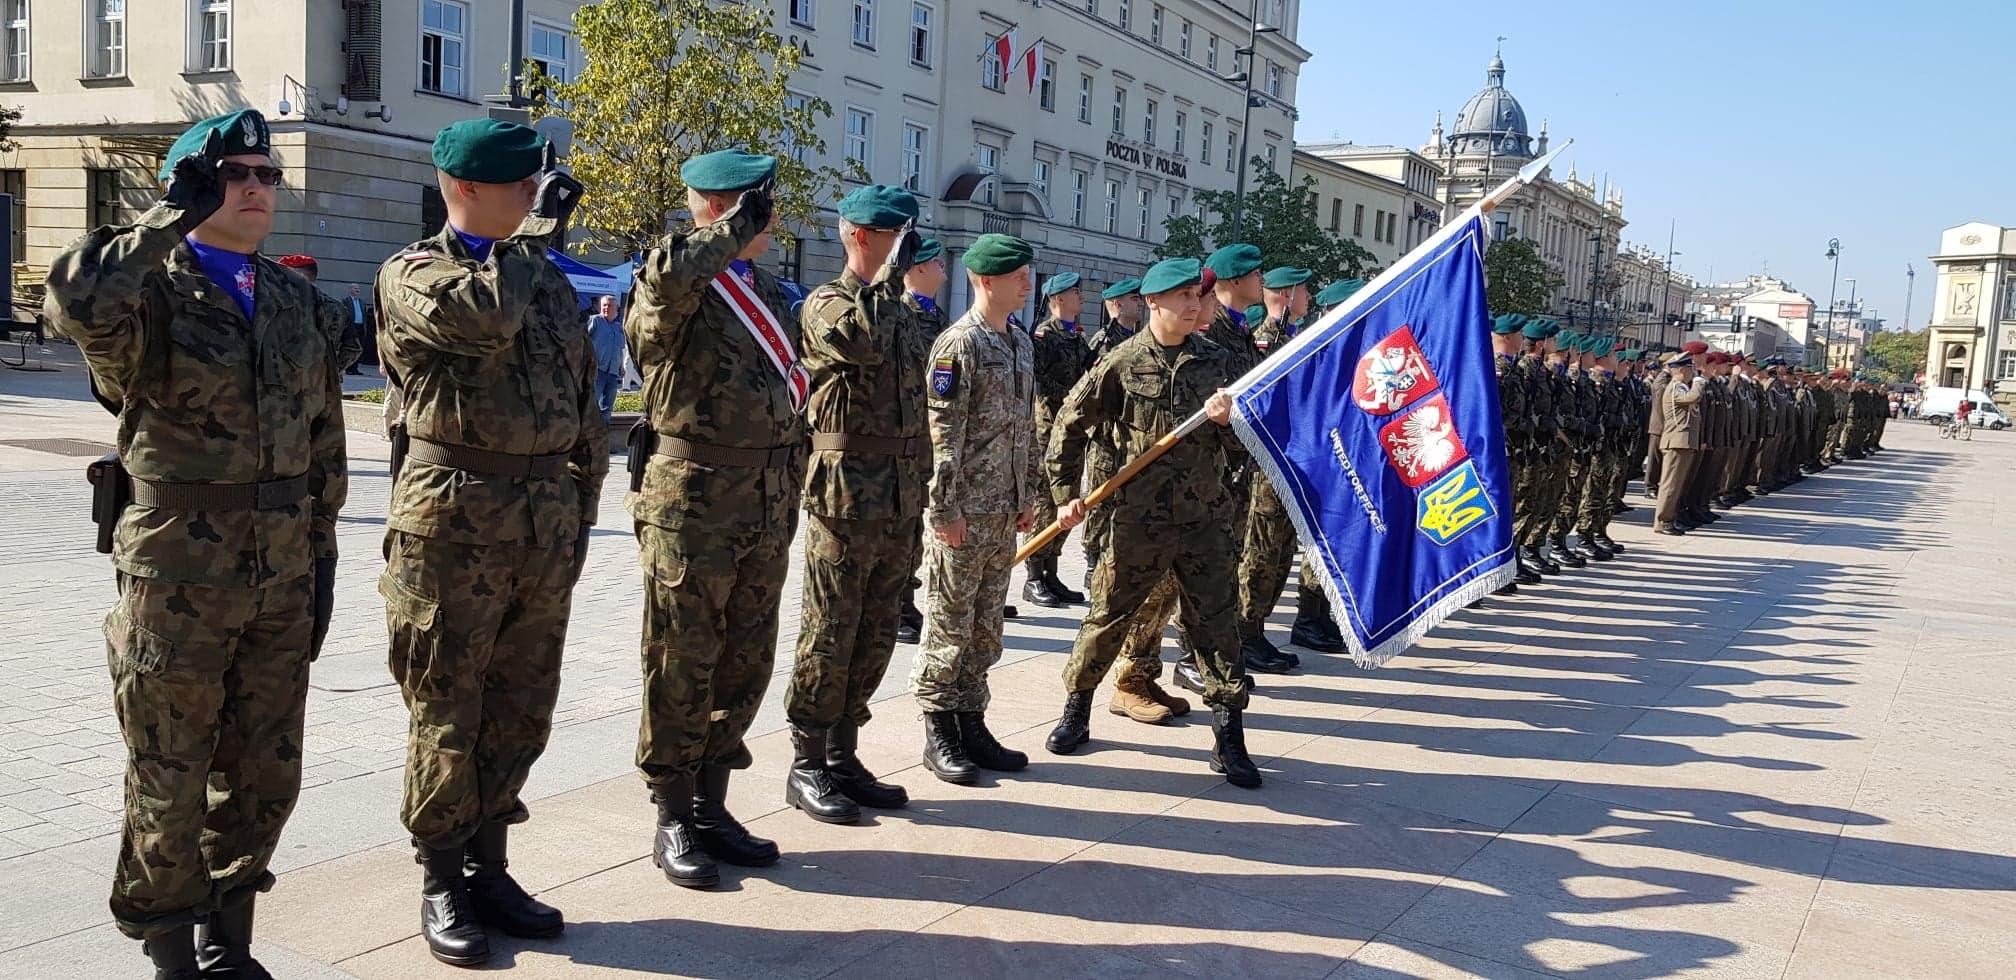 Wielonarodowa brygada Litewsko – Polsko – Ukraińska weszła w ważny moment w swojej historii